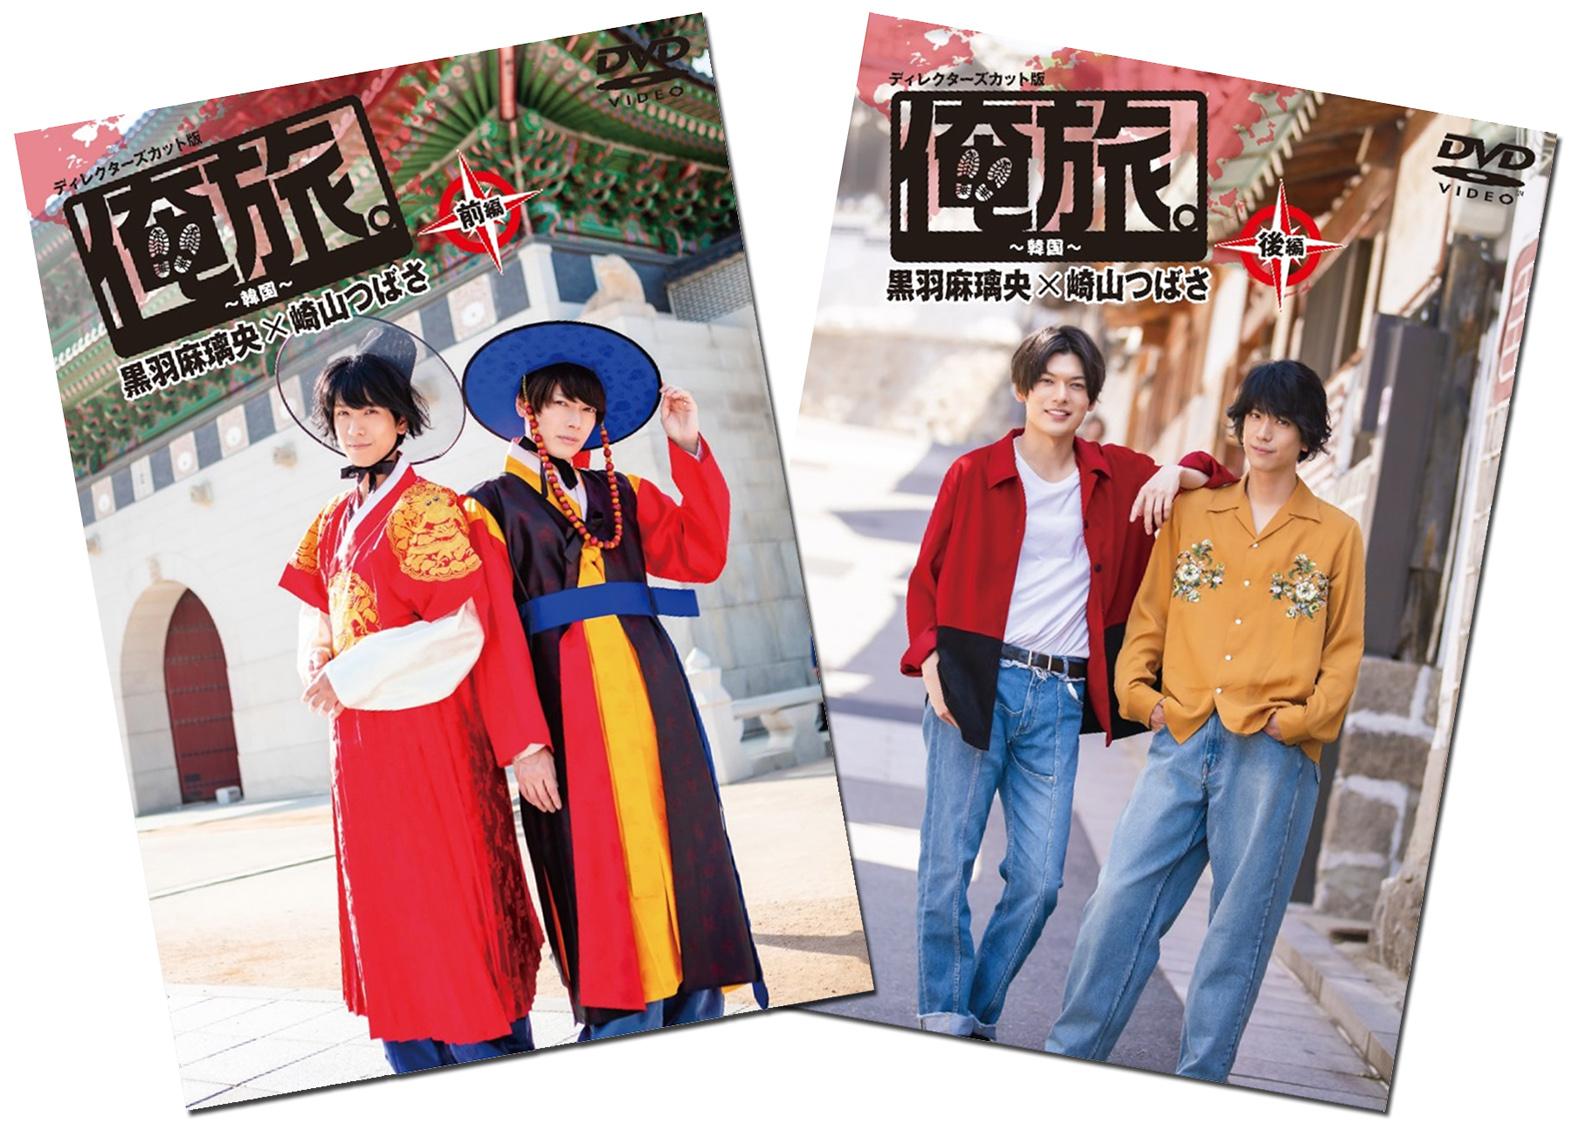 オリジナルポストカードを一巻に一枚プレゼント!「俺旅。in 韓国」DVD 前編・後編 黒羽麻璃央×崎山つばさ